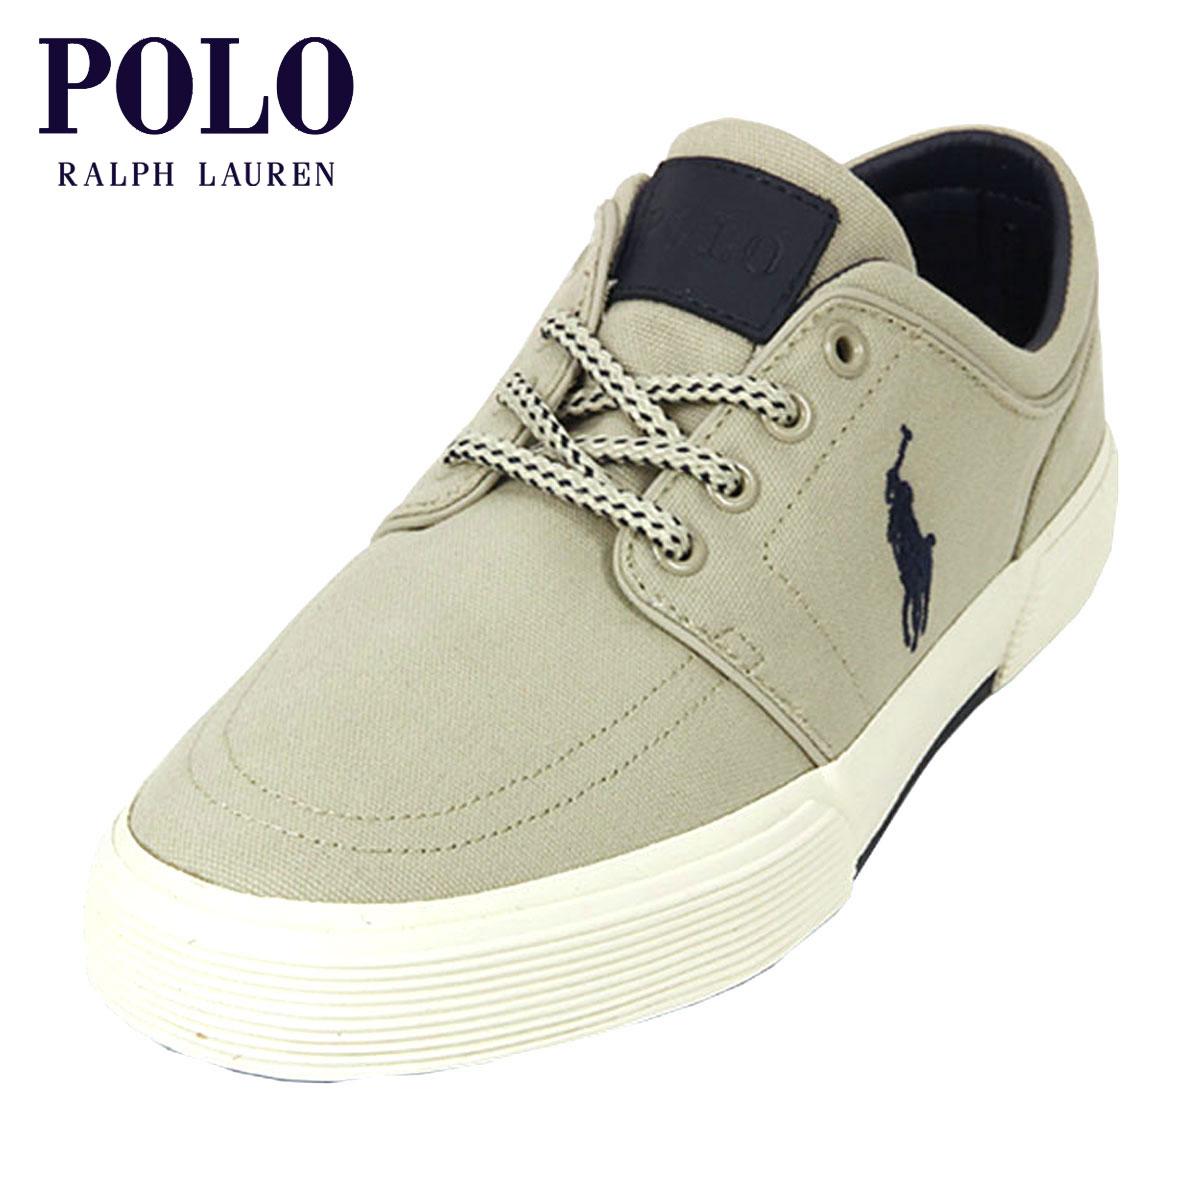 ポロ ラルフローレン POLO RALPH LAUREN 正規品 メンズ 靴 シューズ CANVAS FAXON LOW SNEAKER